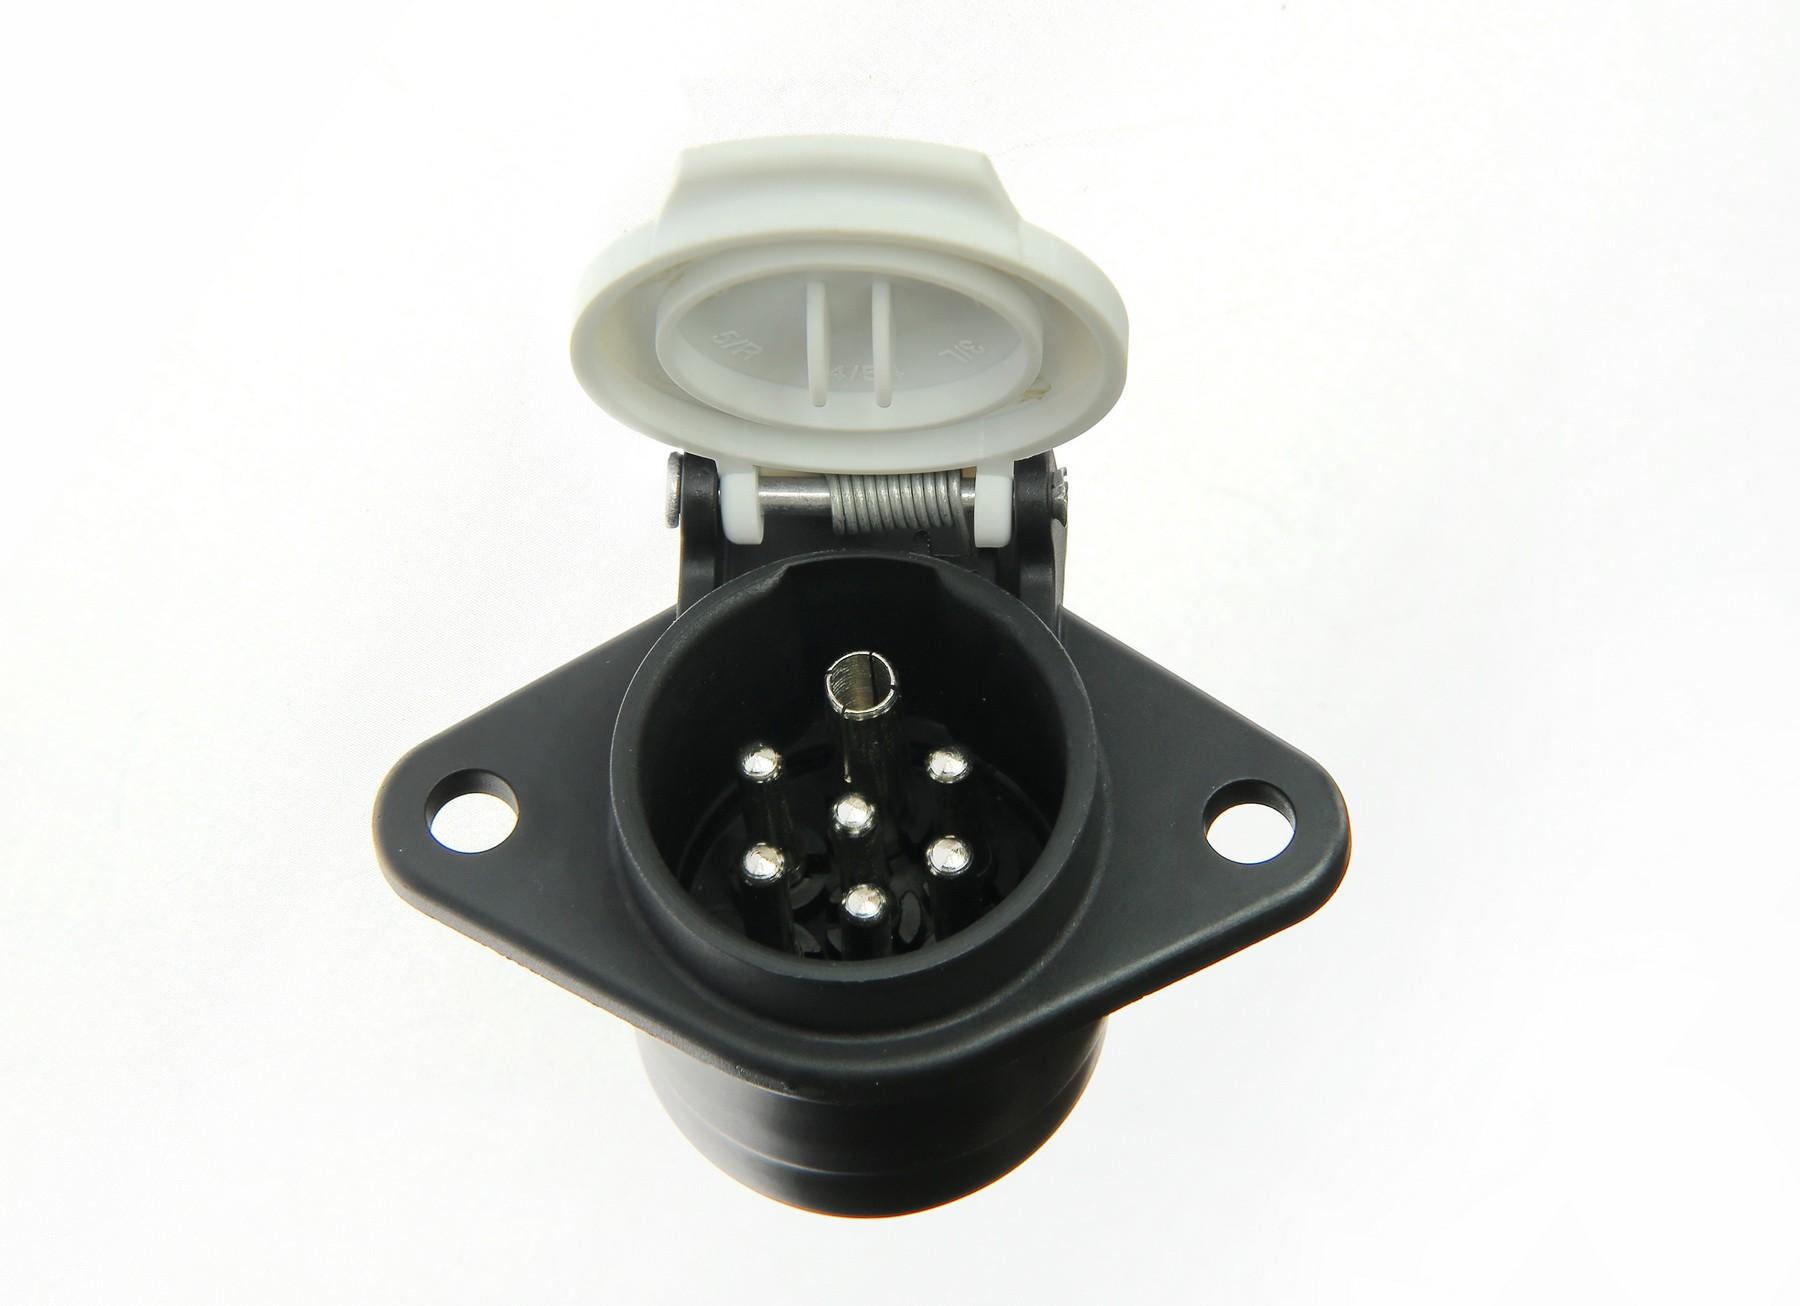 Gniazdo 7 pin 24V typ S plastik